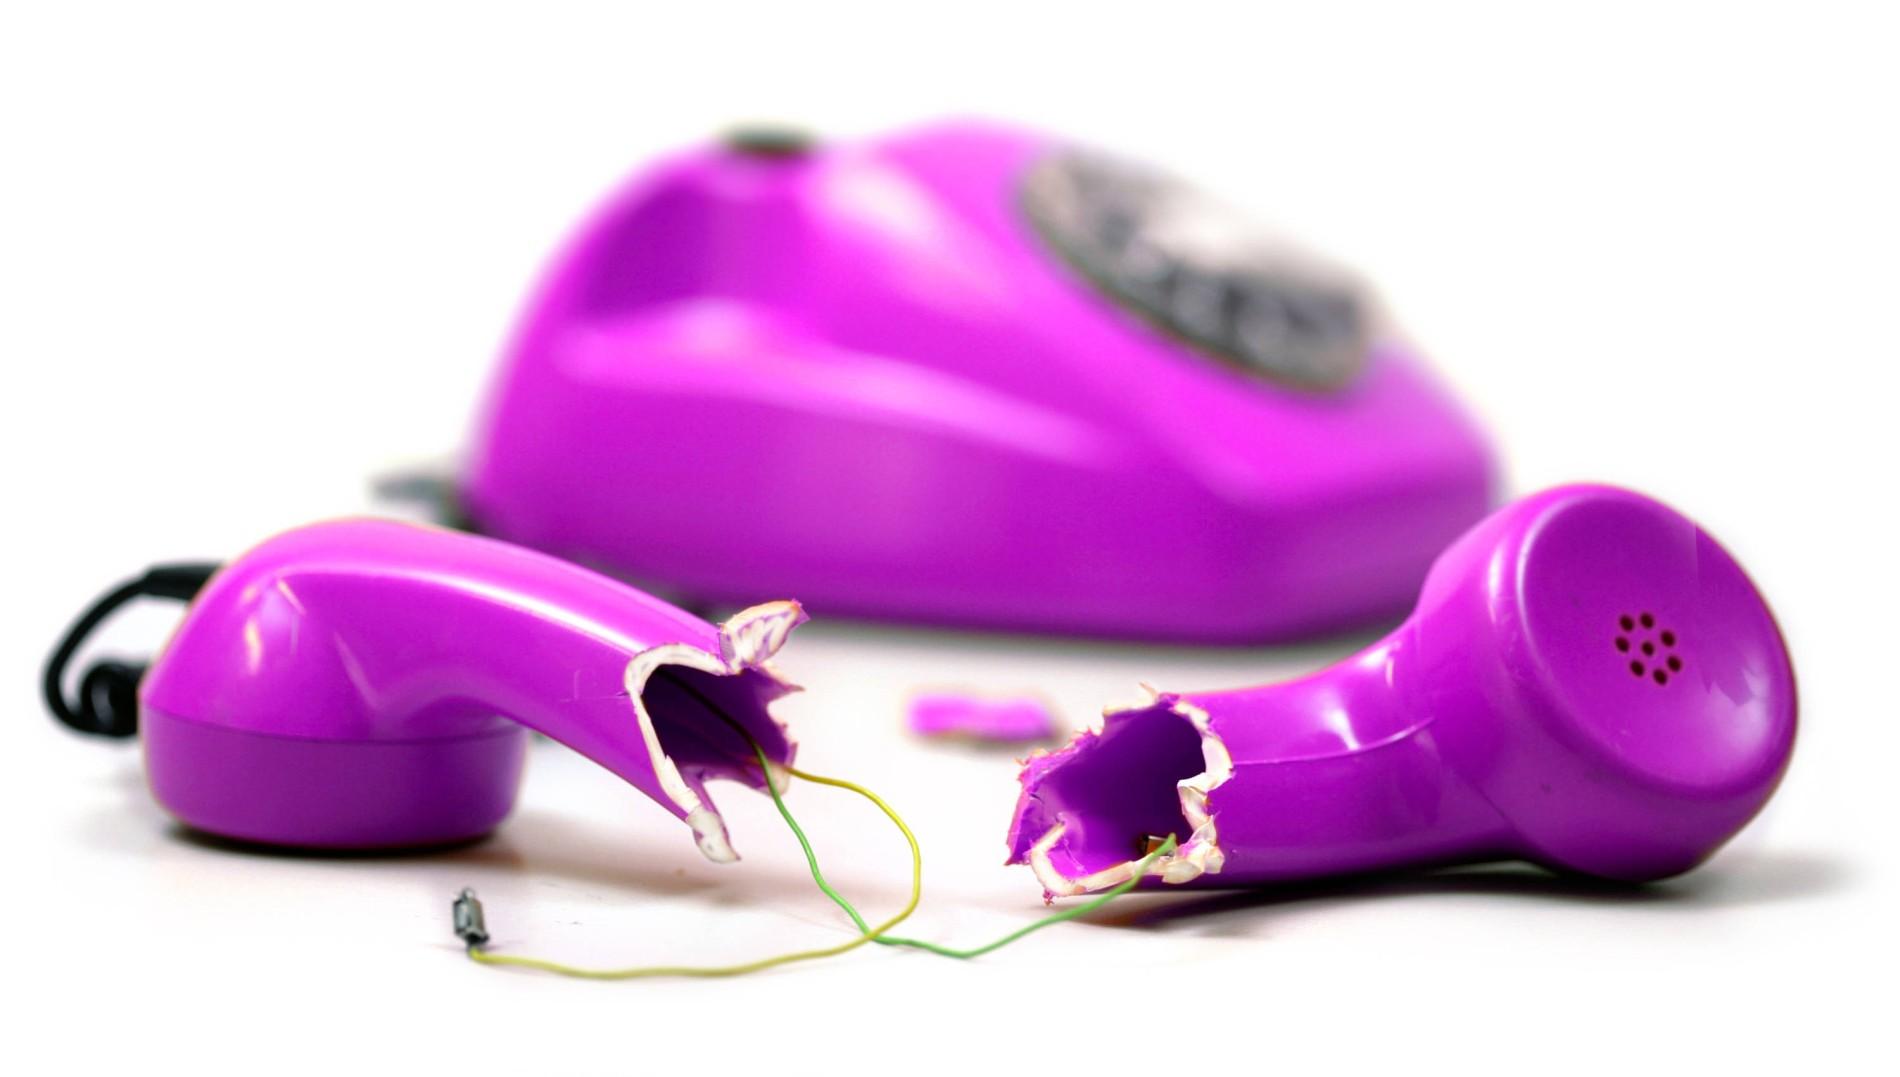 telekom telefonische dsl störungsmeldung